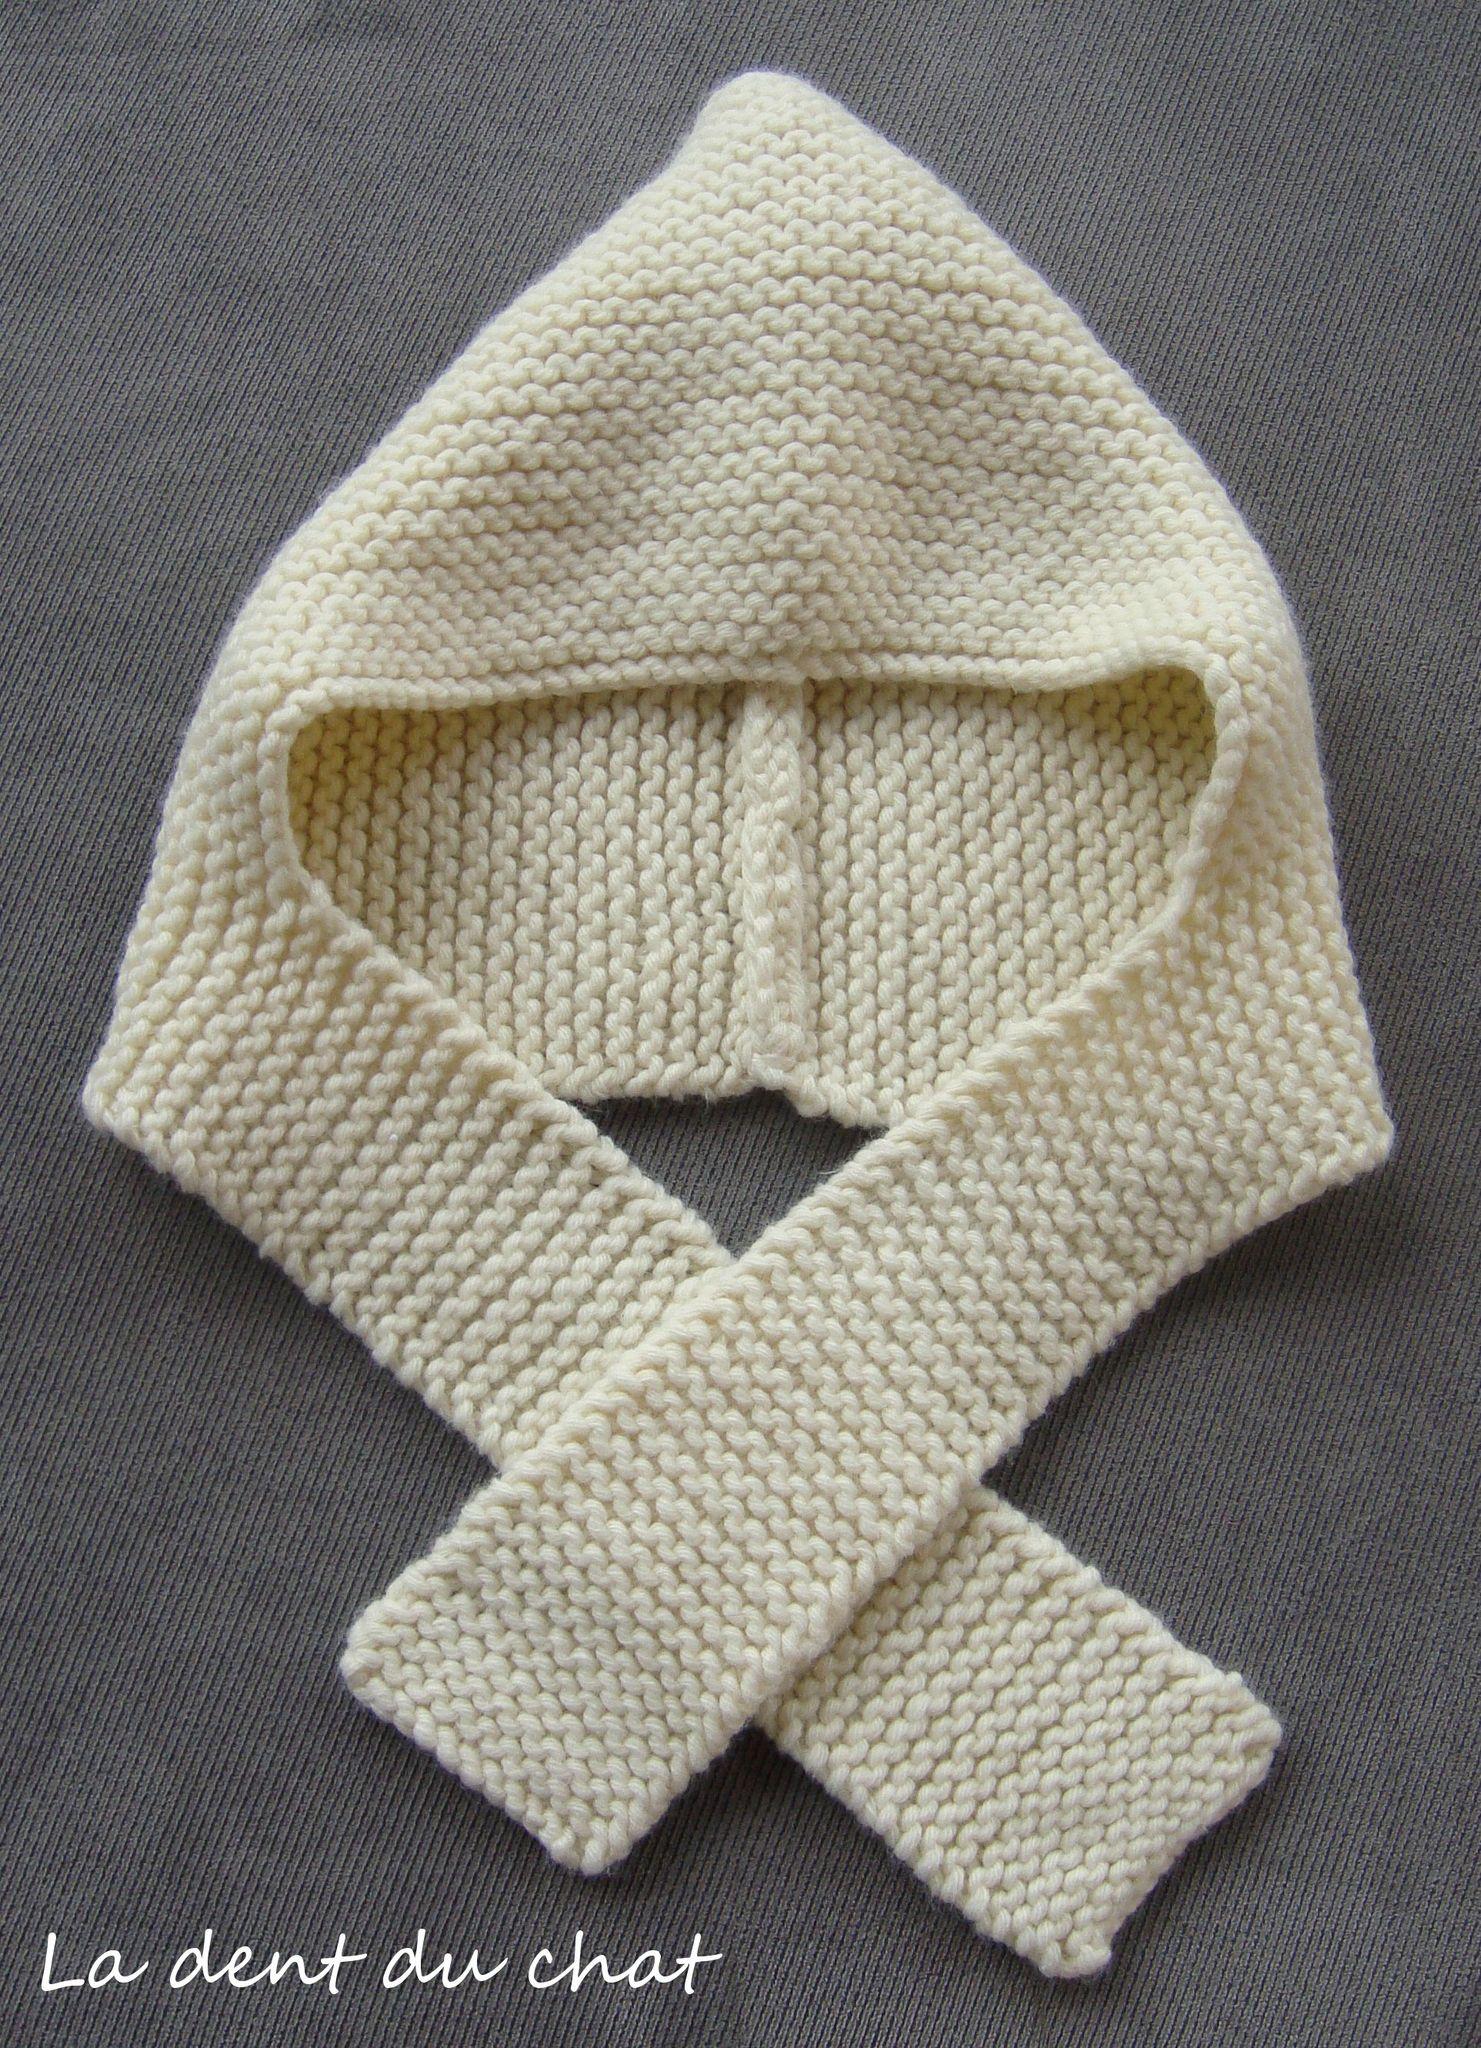 Tricoter un bonnet echarpe - Idée pour s habiller 01a49e2e734